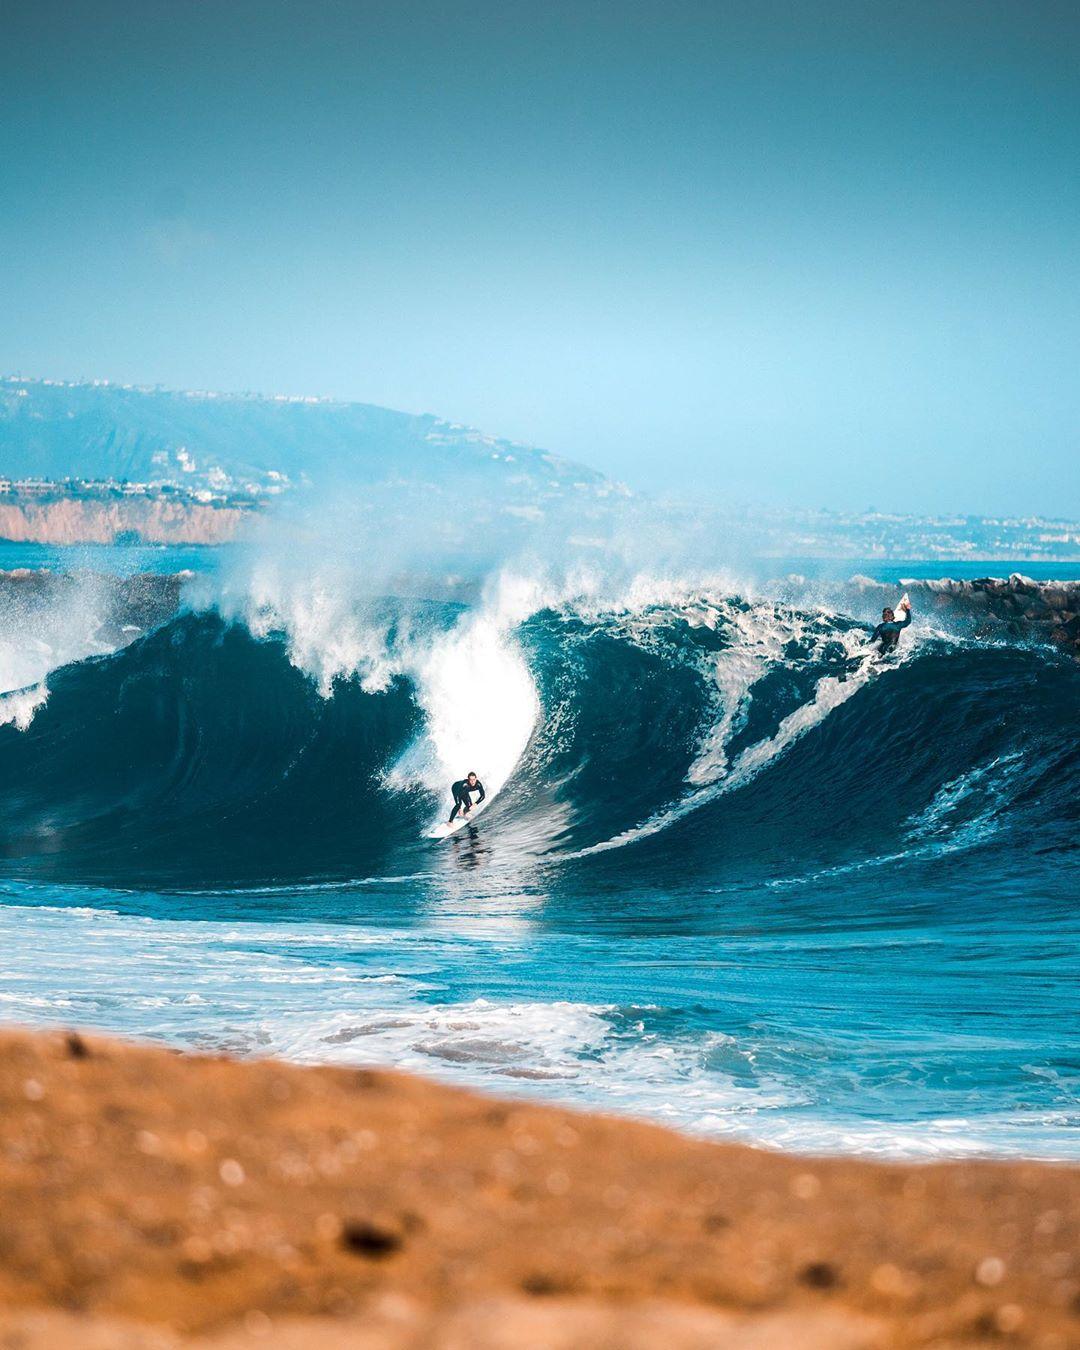 Бездонный мир моря на фантастических снимках Беннетта Ломбардо вода,море,тревел-фото